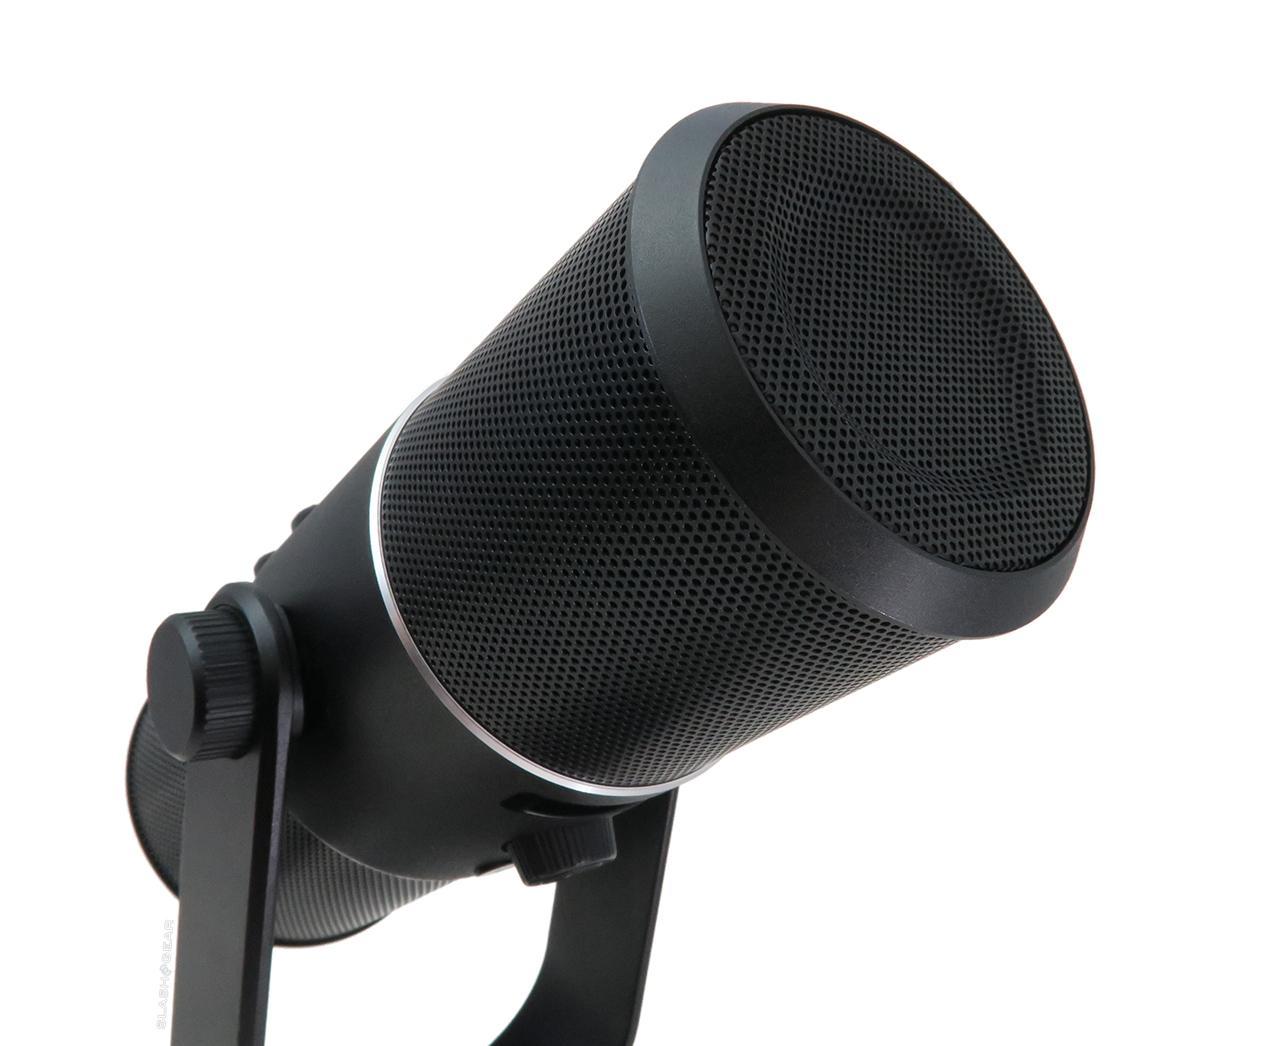 razer_seirenpro_mic_review_mictop